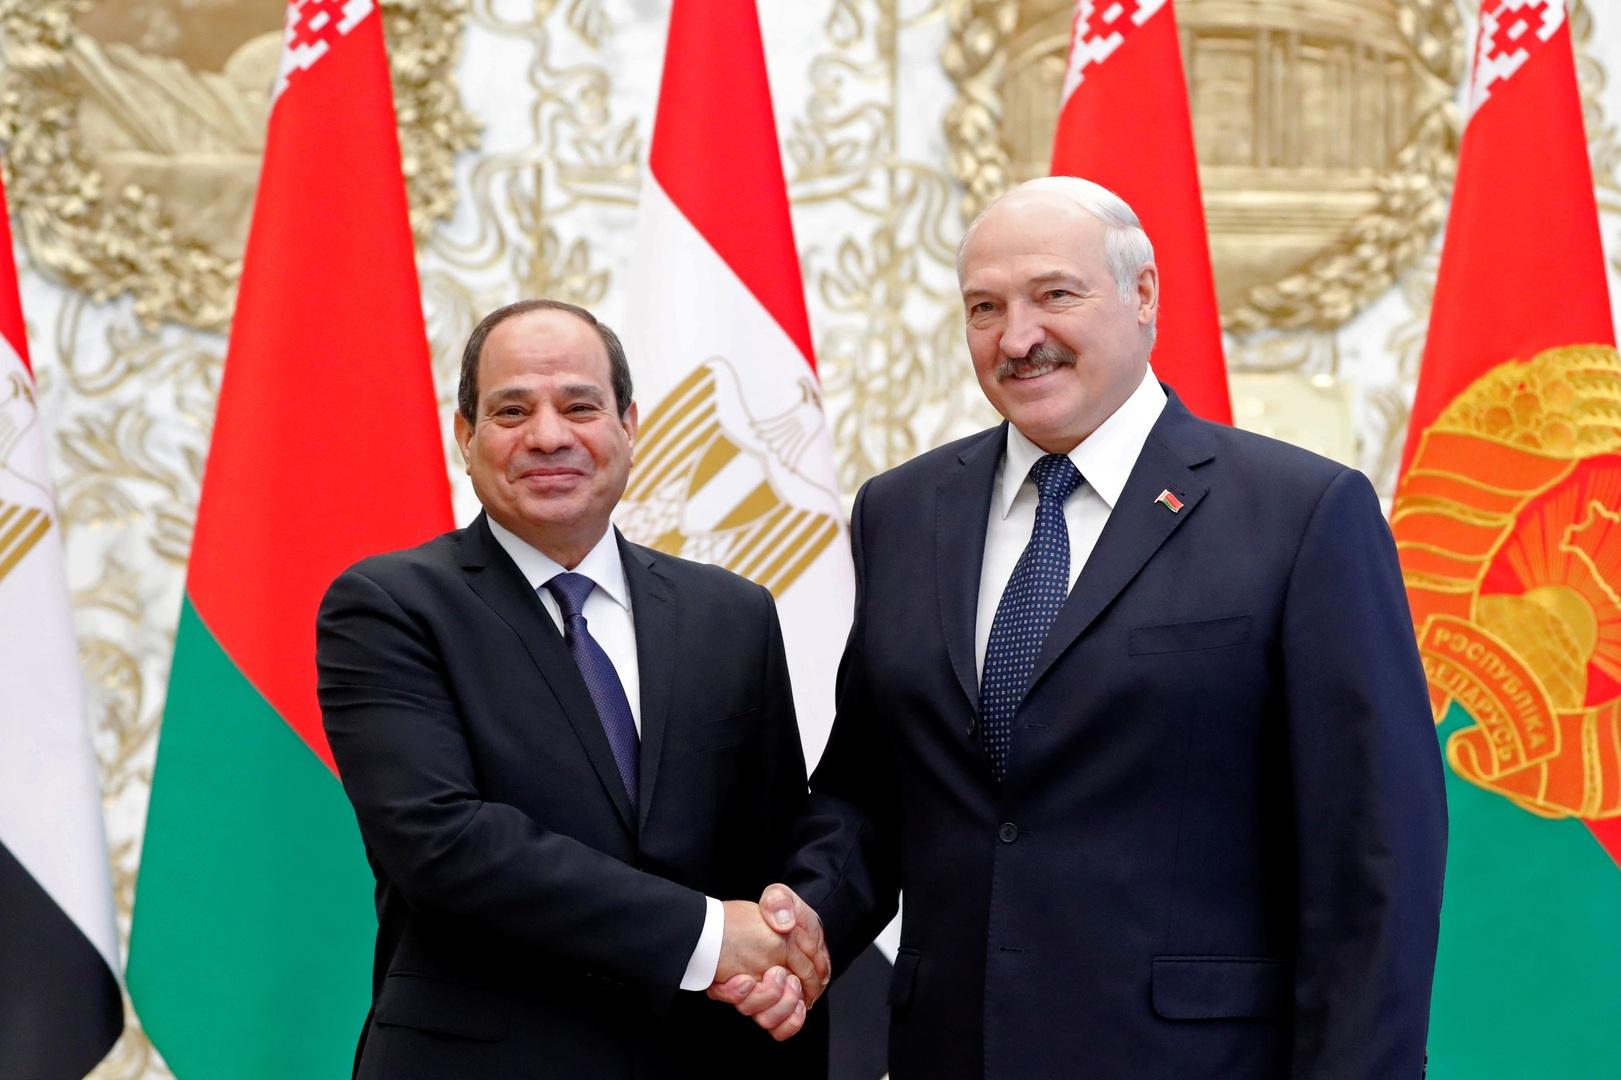 صورة من الأرشيف - الرئيسان البيلاروسي والمصري